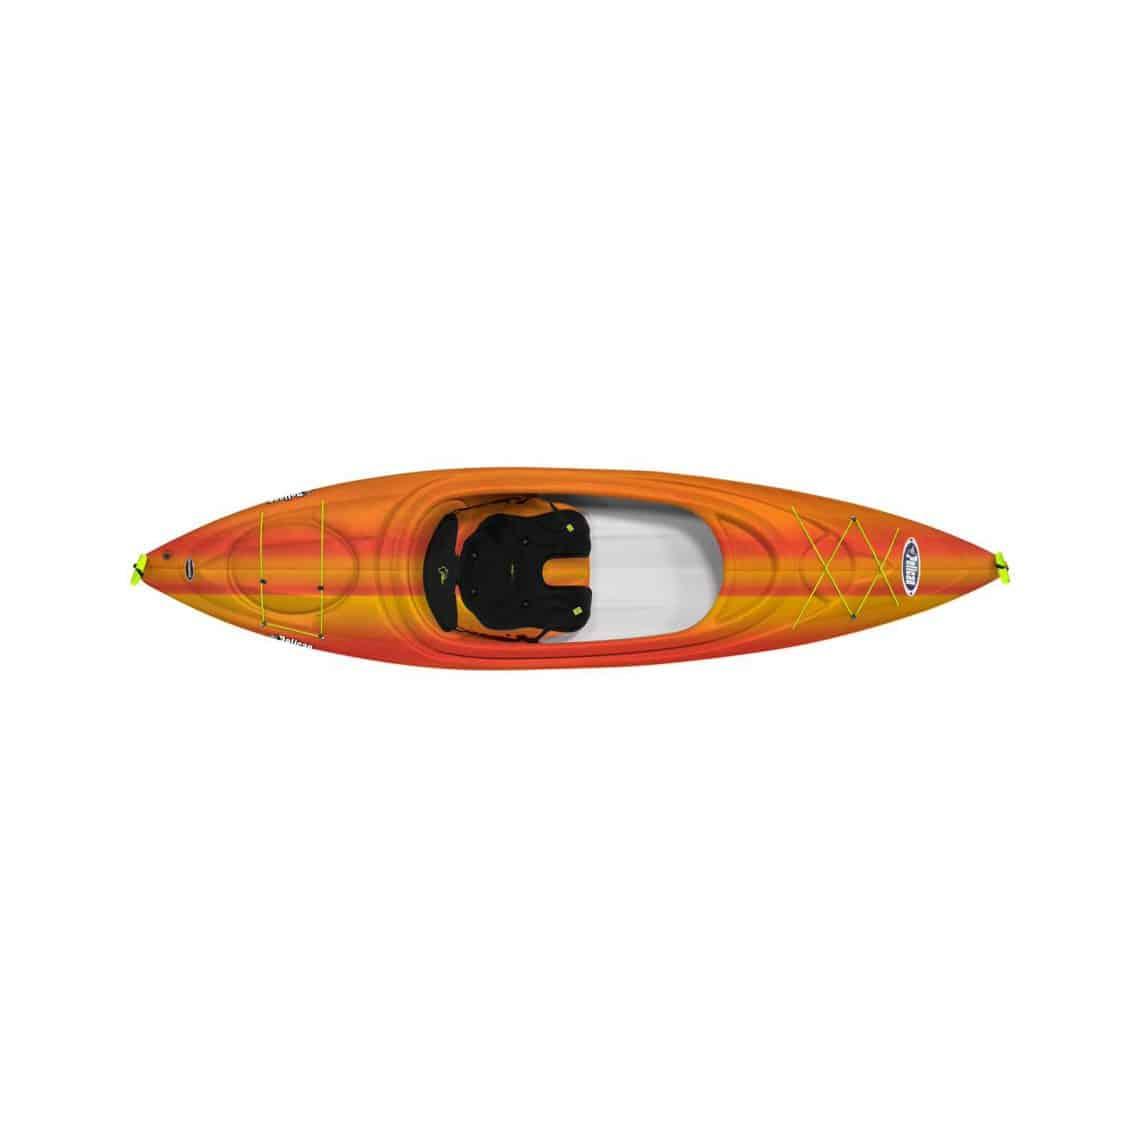 Kayak Life Jacket